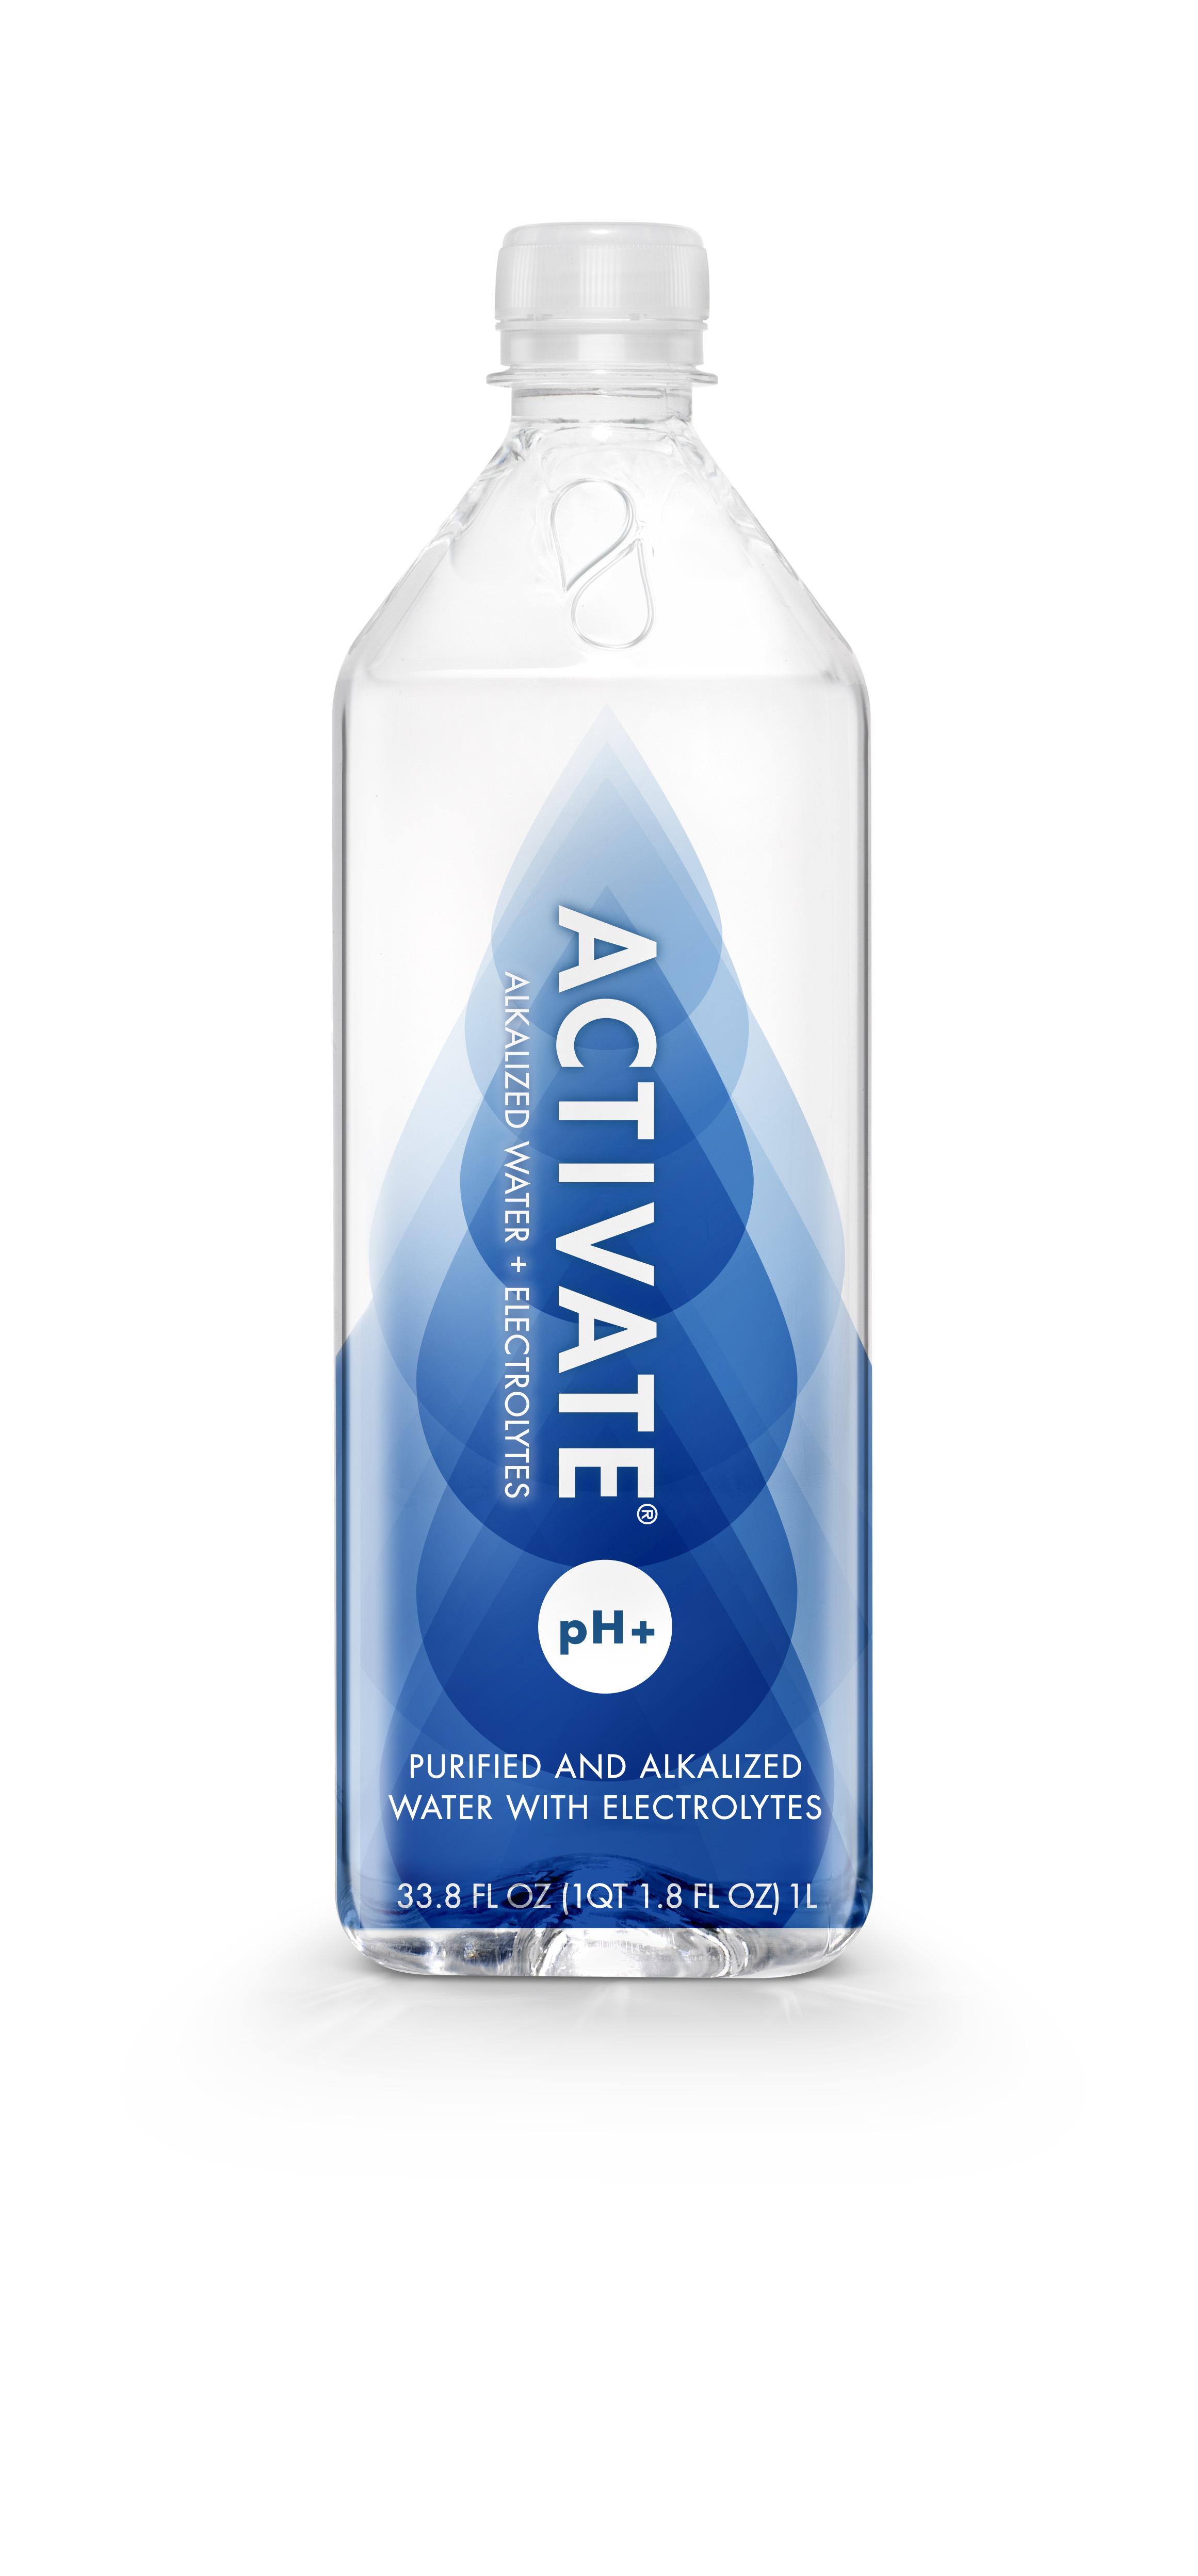 Alkalized.water[2]